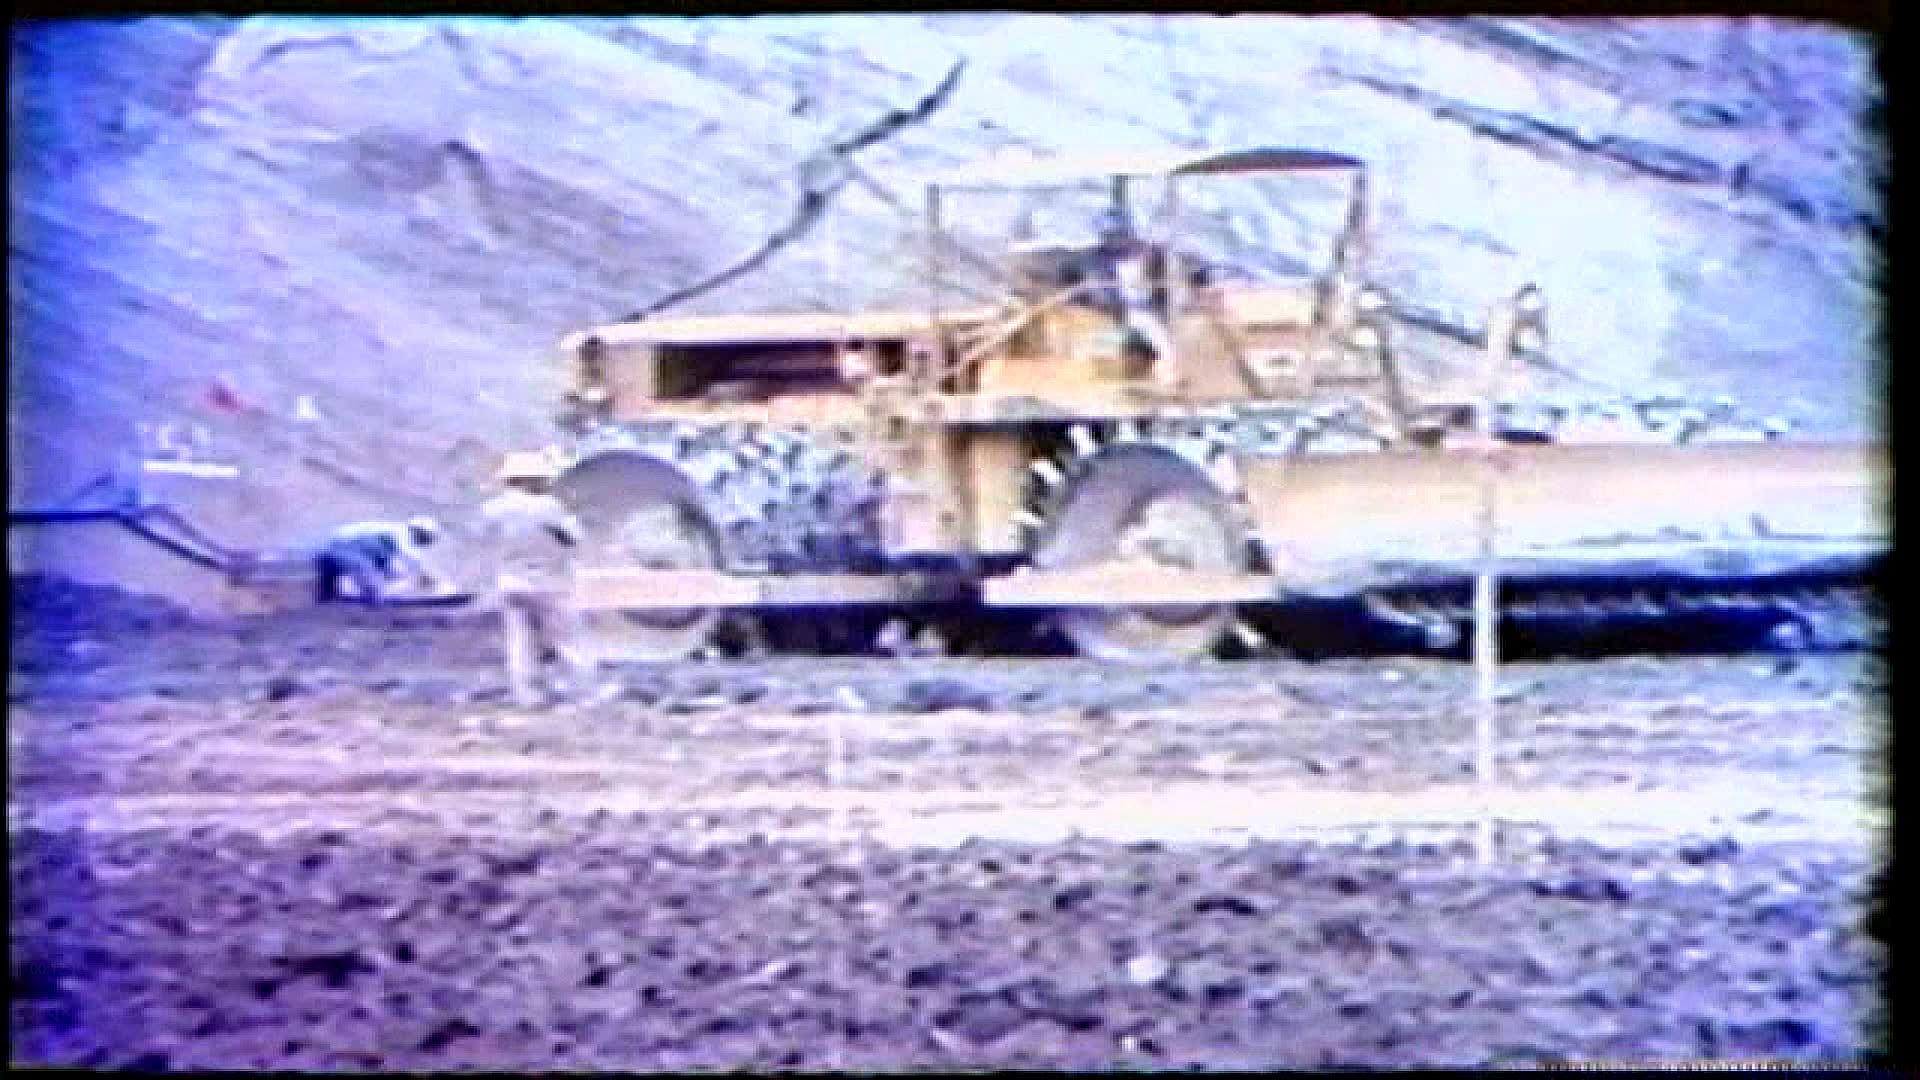 榮工處承建曾文水庫之大壩填築使用機械夯實土地